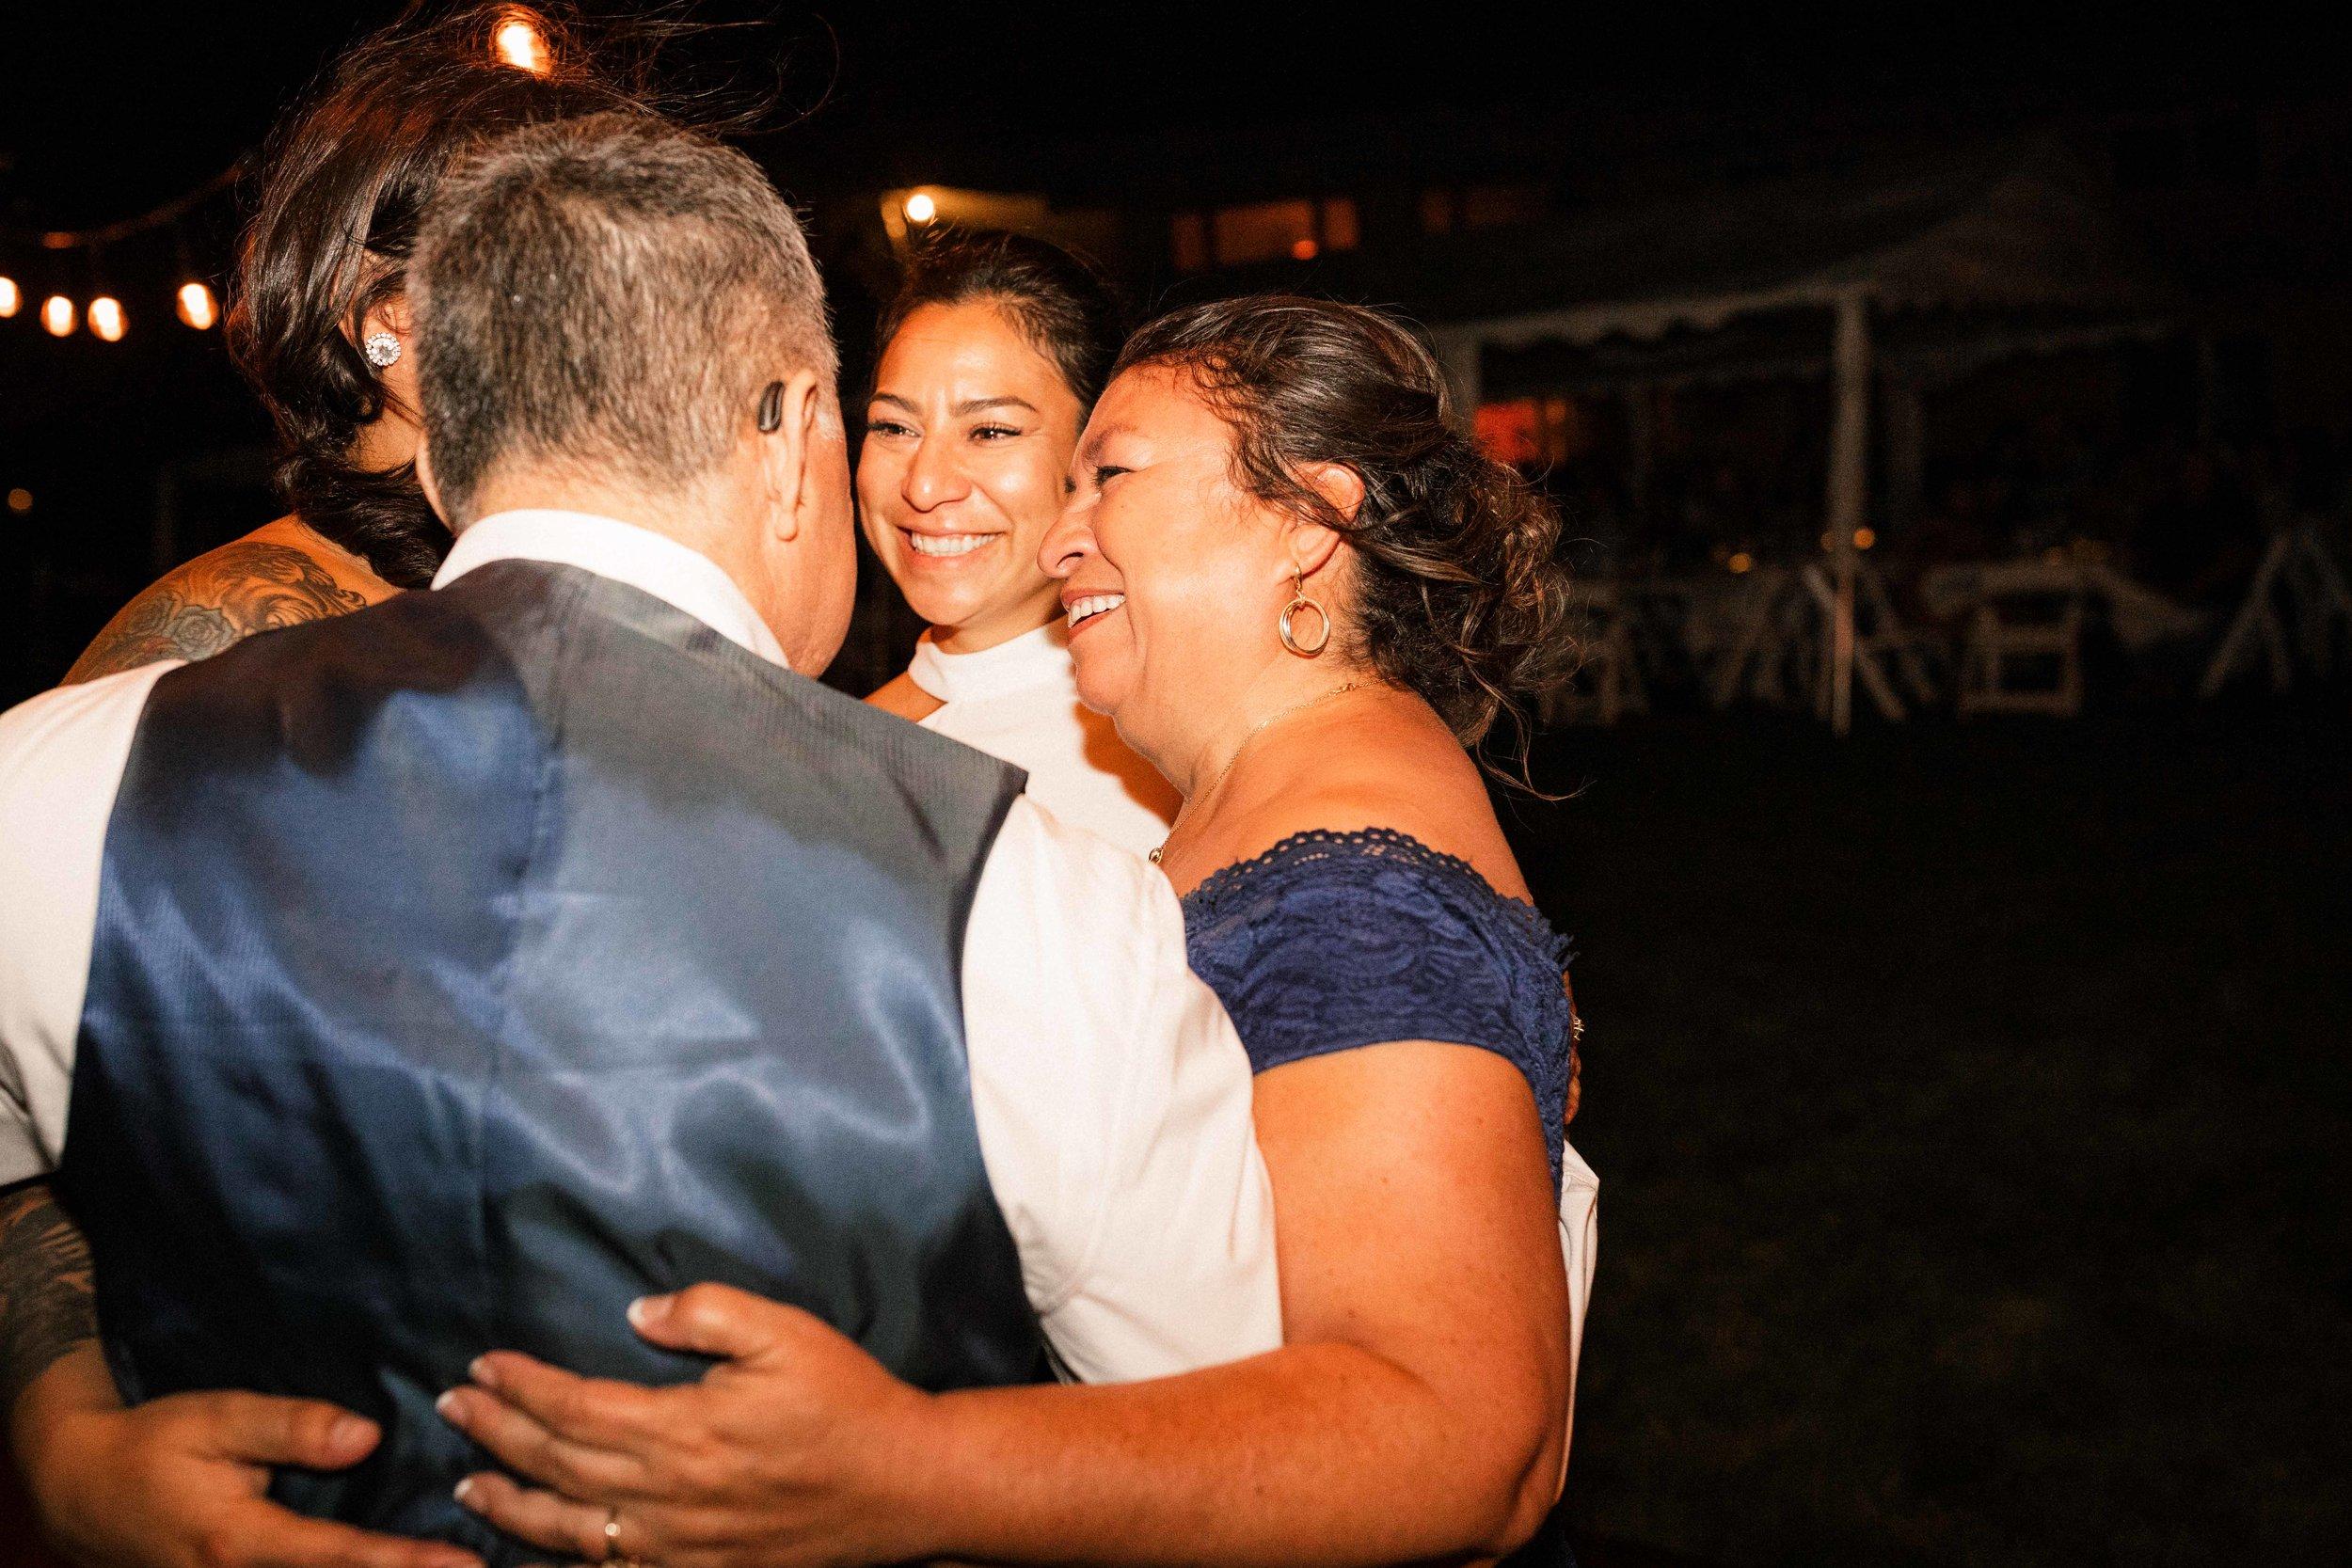 pasco-wedding-photos-64.jpg